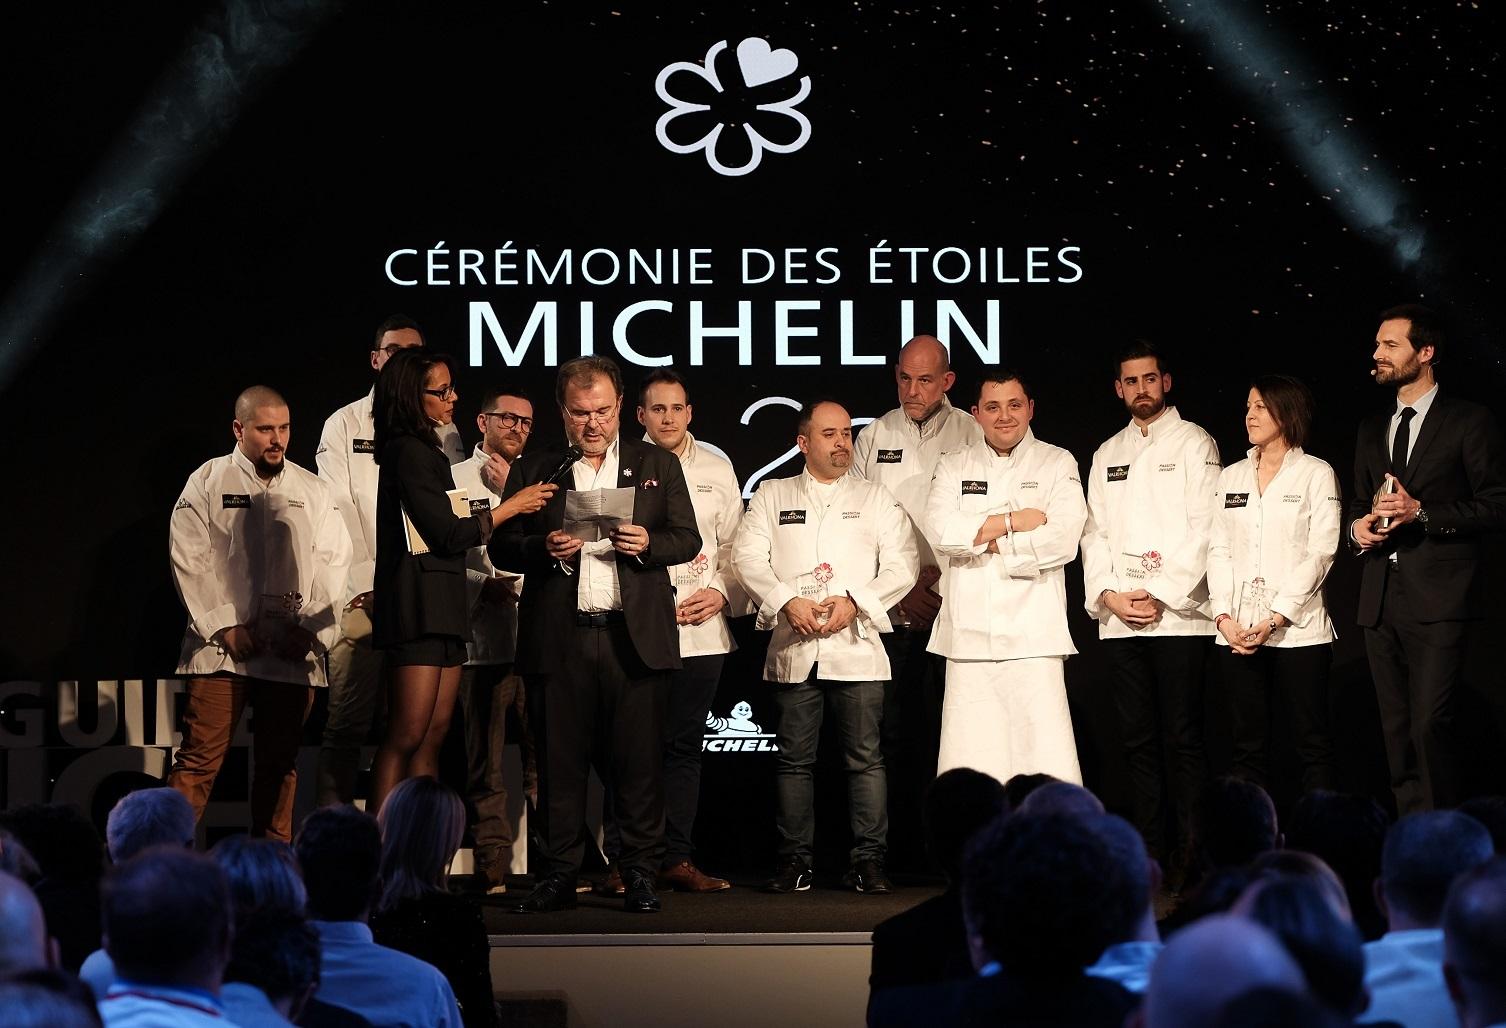 Cérémonie des étoiles Michelin